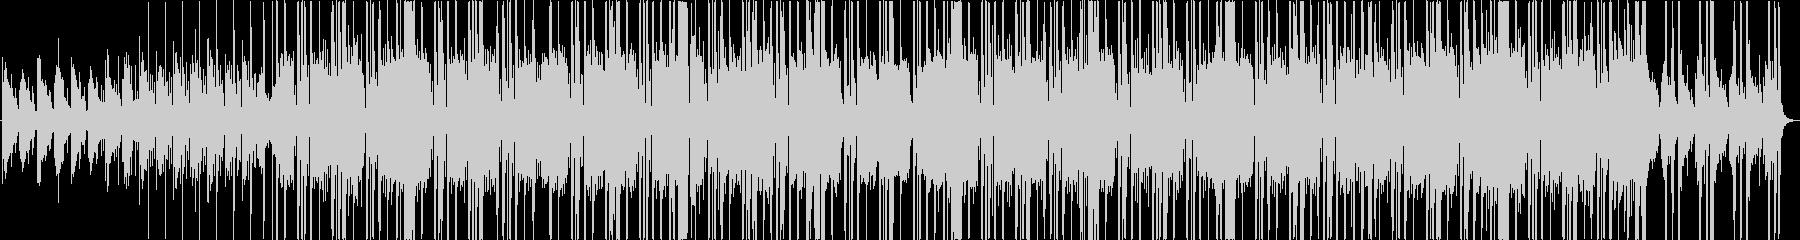 ディープなTrapの Type Beatの未再生の波形